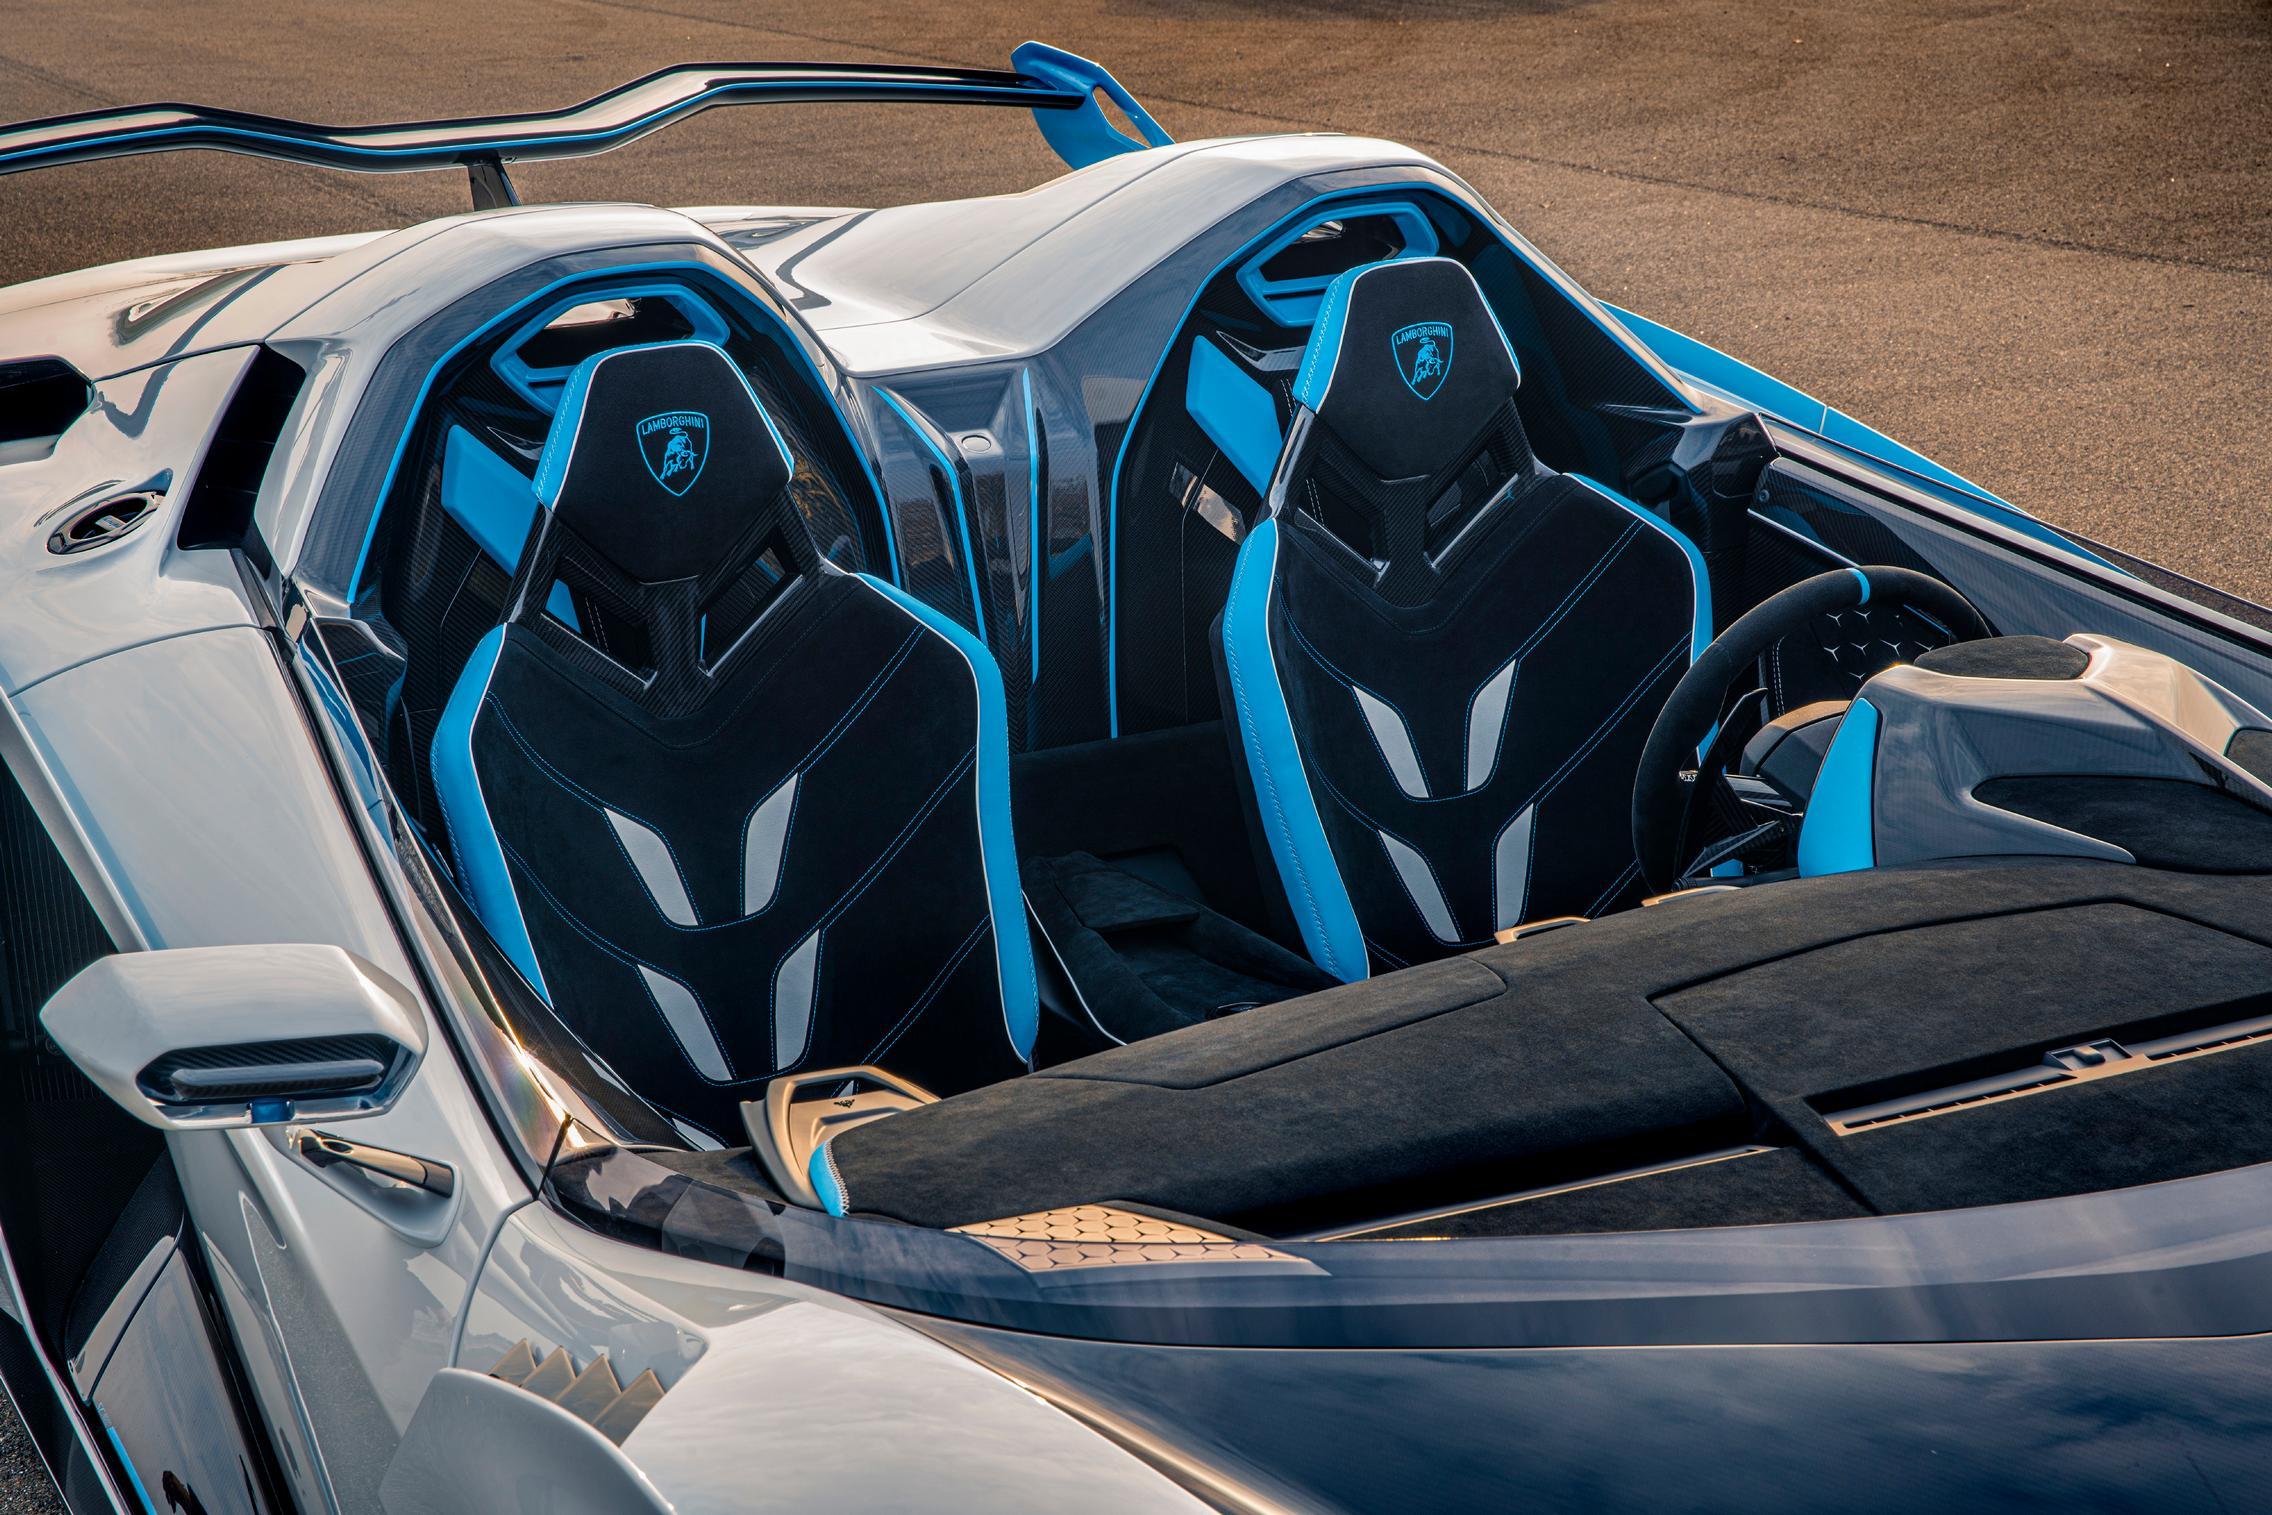 Lamborghini SC20 colors